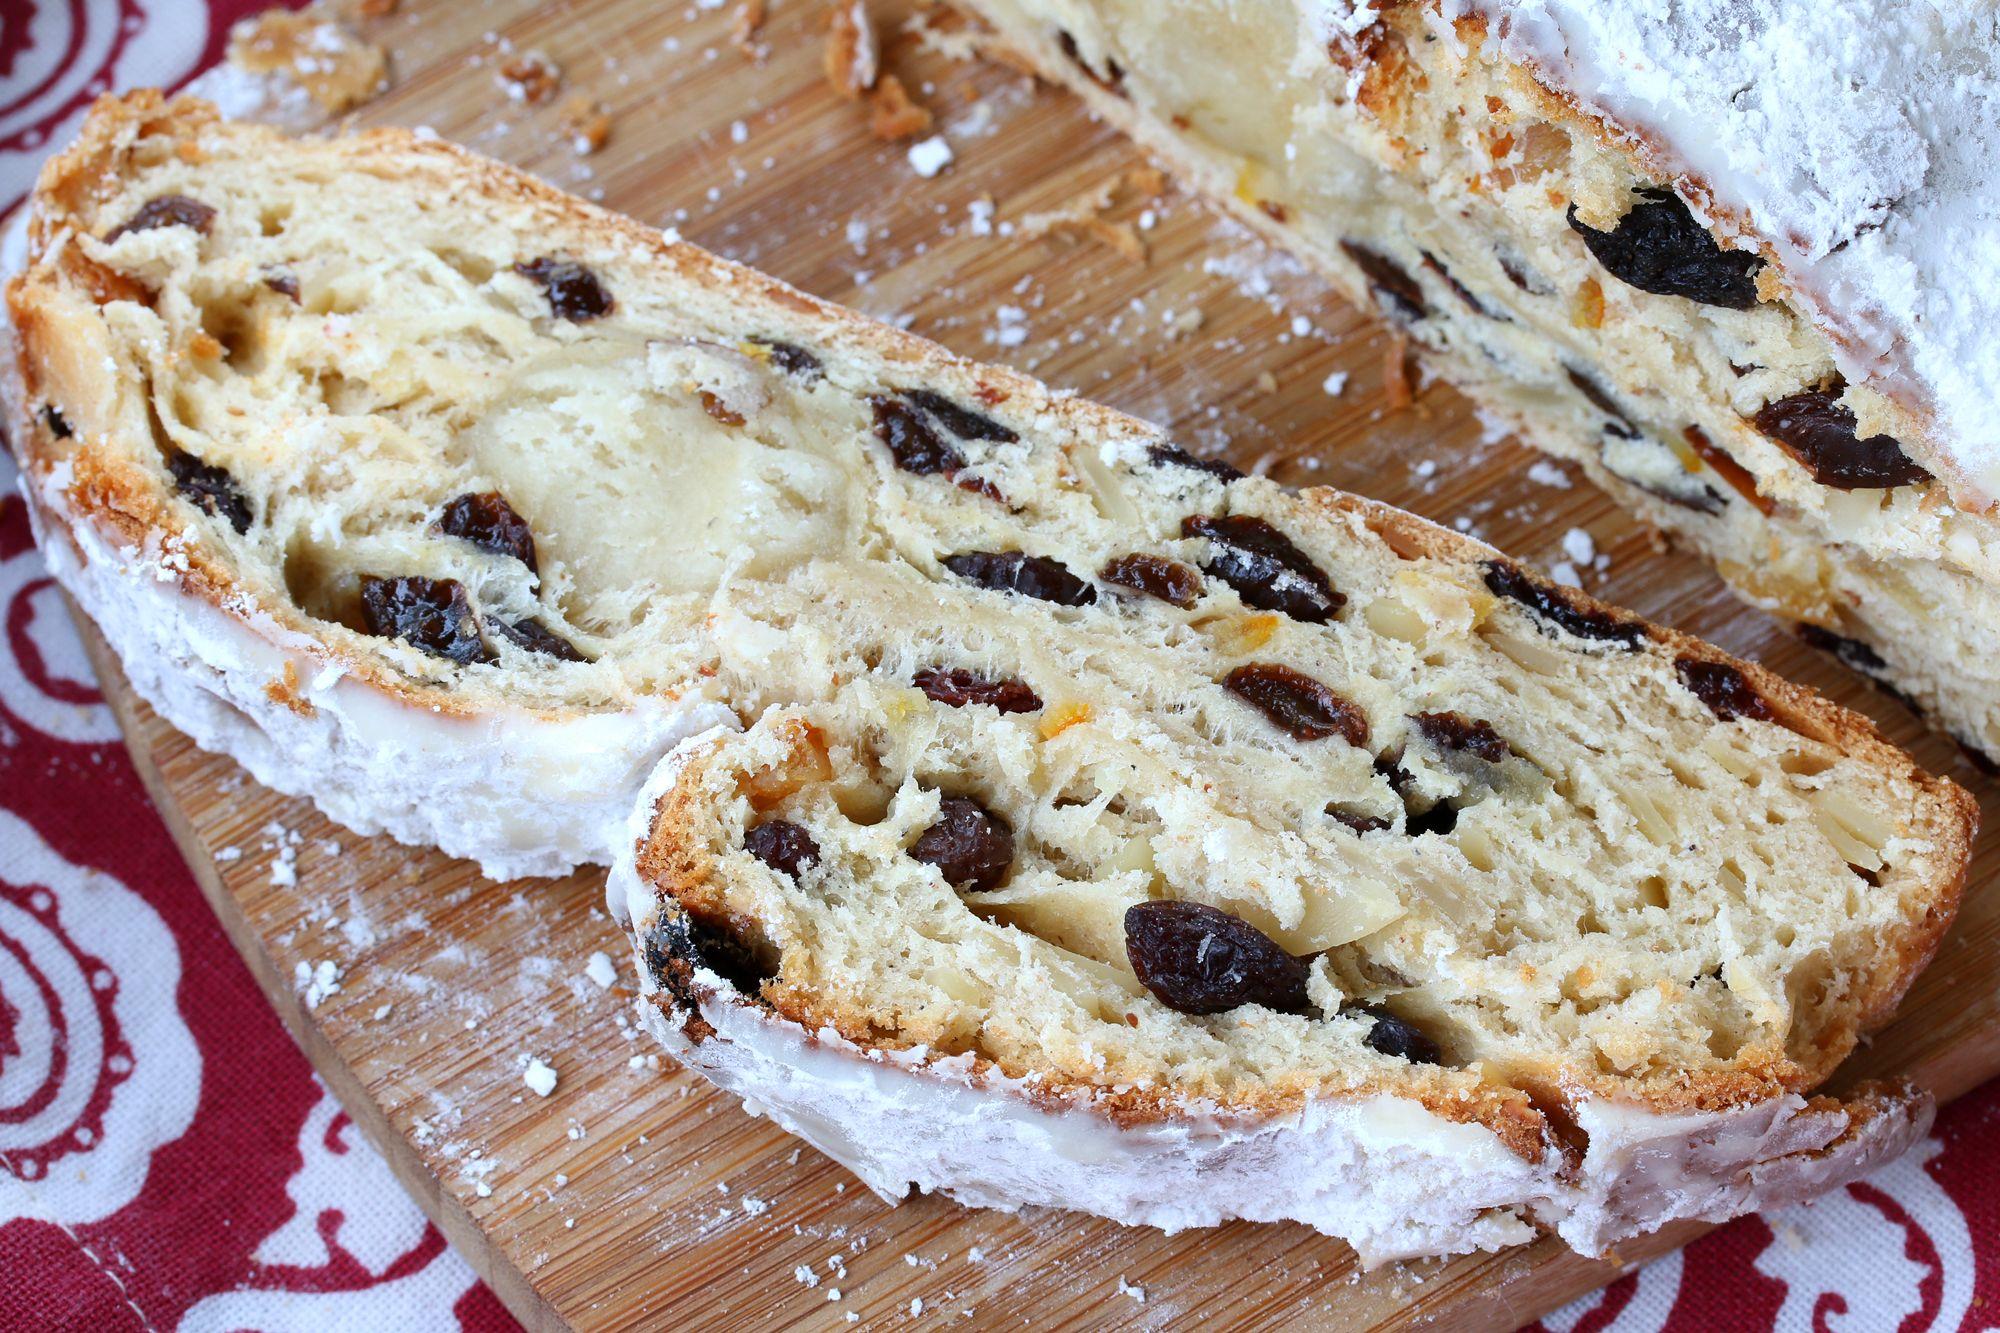 Best Authentic Stollen German Christmas Bread Recipe Stollen